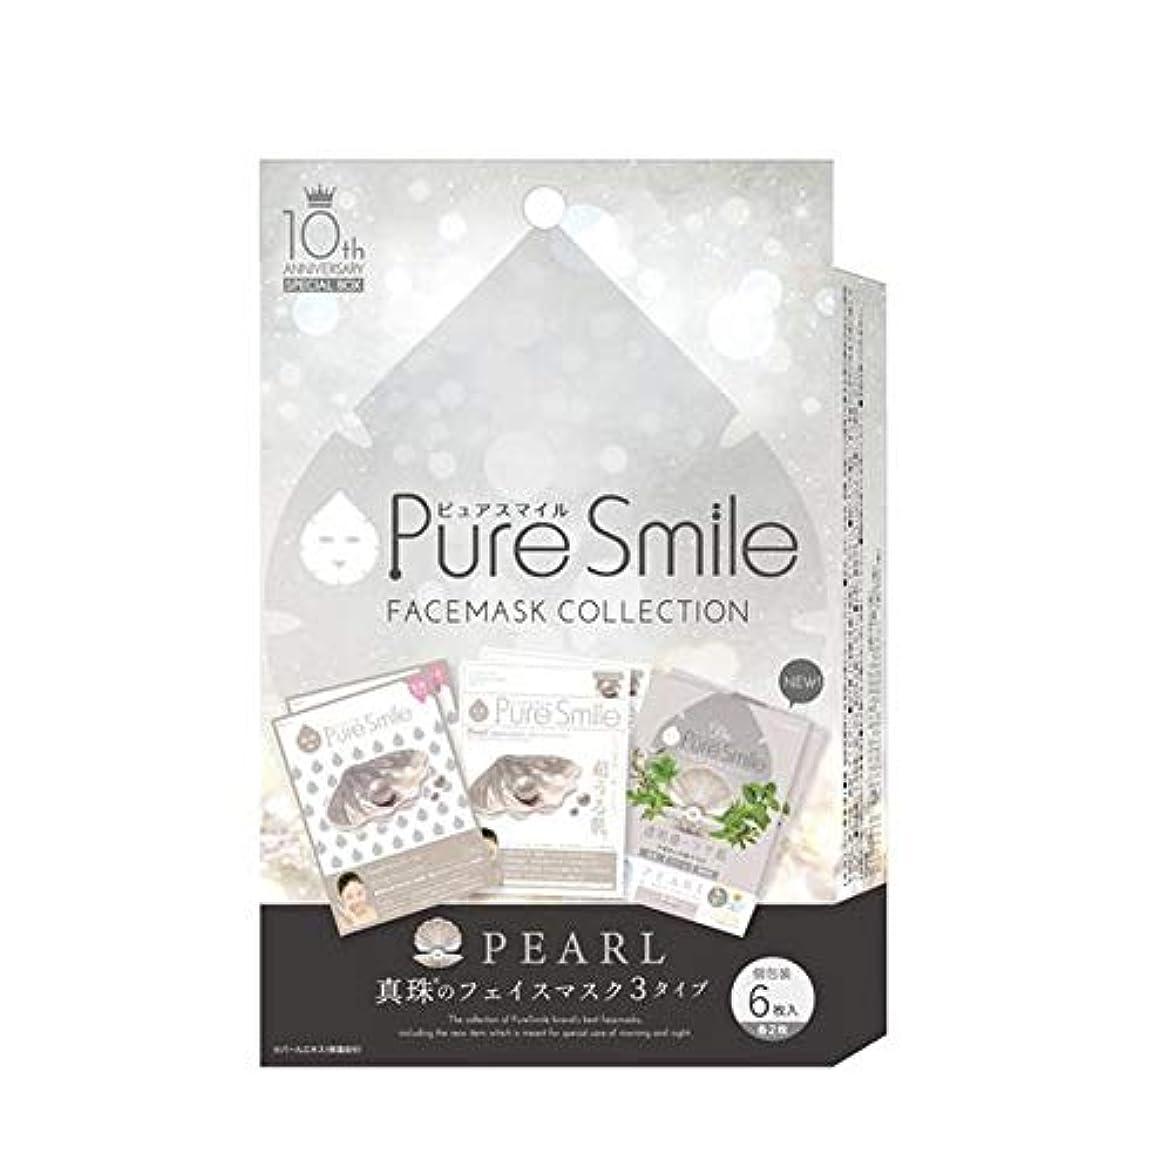 平凡本部ジョージバーナードピュア スマイル Pure Smile 10thアニバーサリー スペシャルボックス 真珠 6枚入り